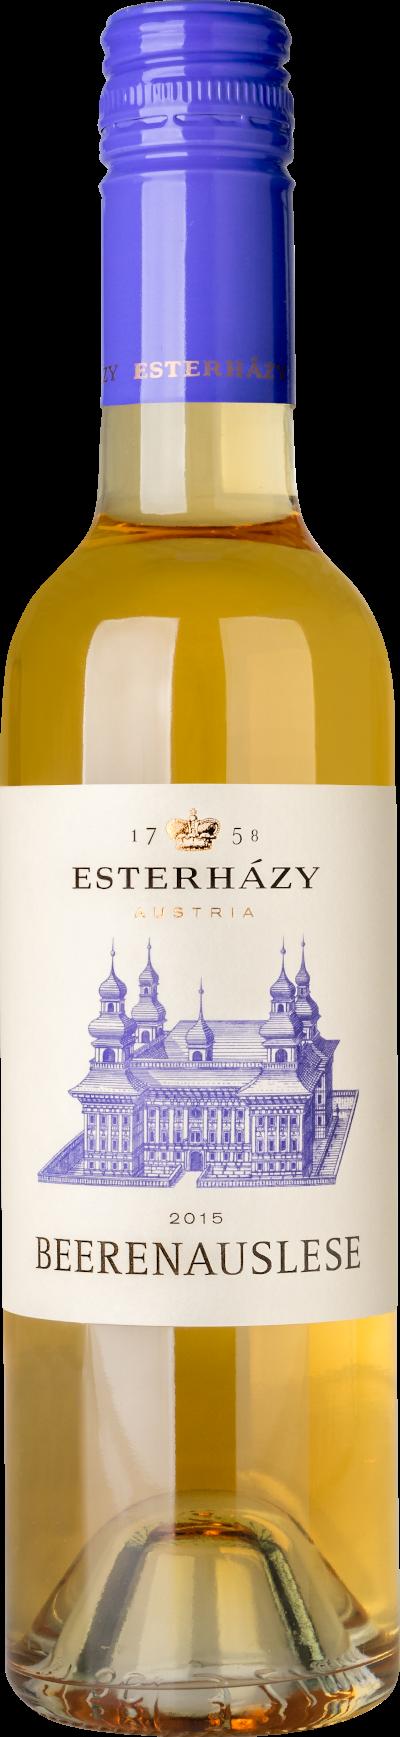 Esterházy - Beerenauslese